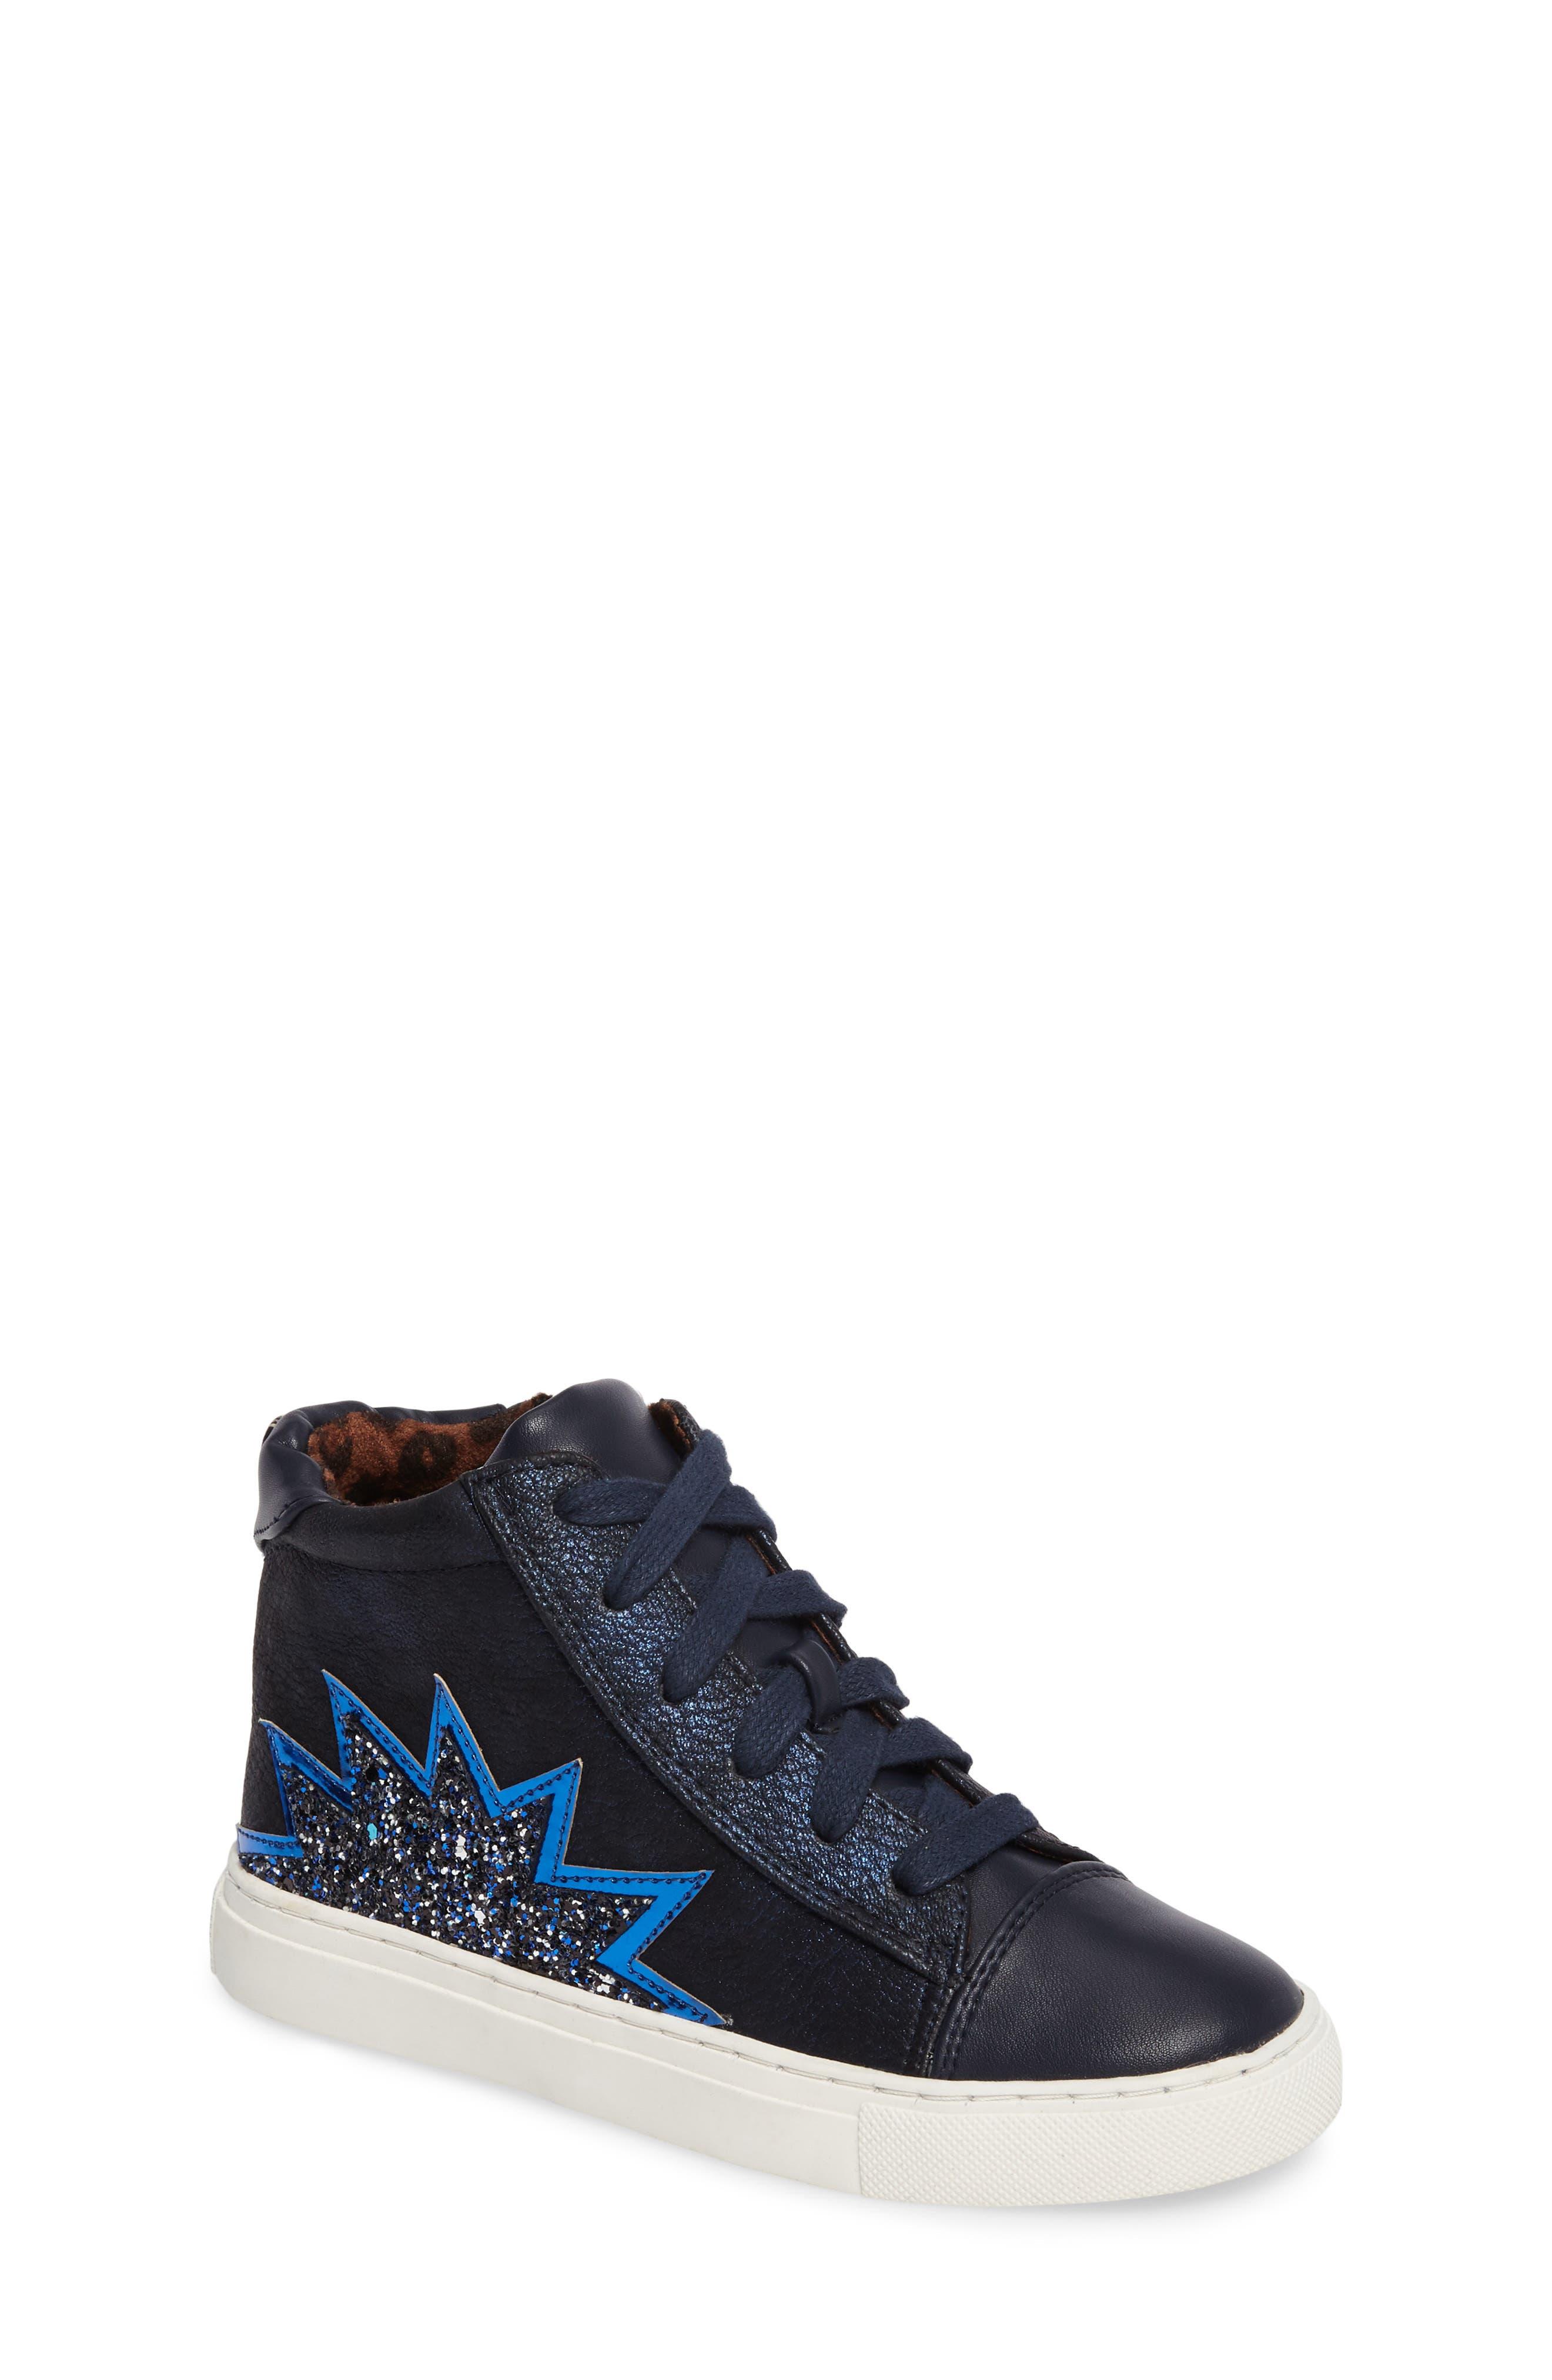 Steve Madden Jflash Glitter Star High Top Sneaker (Toddler, Little Kid & Big Kid)